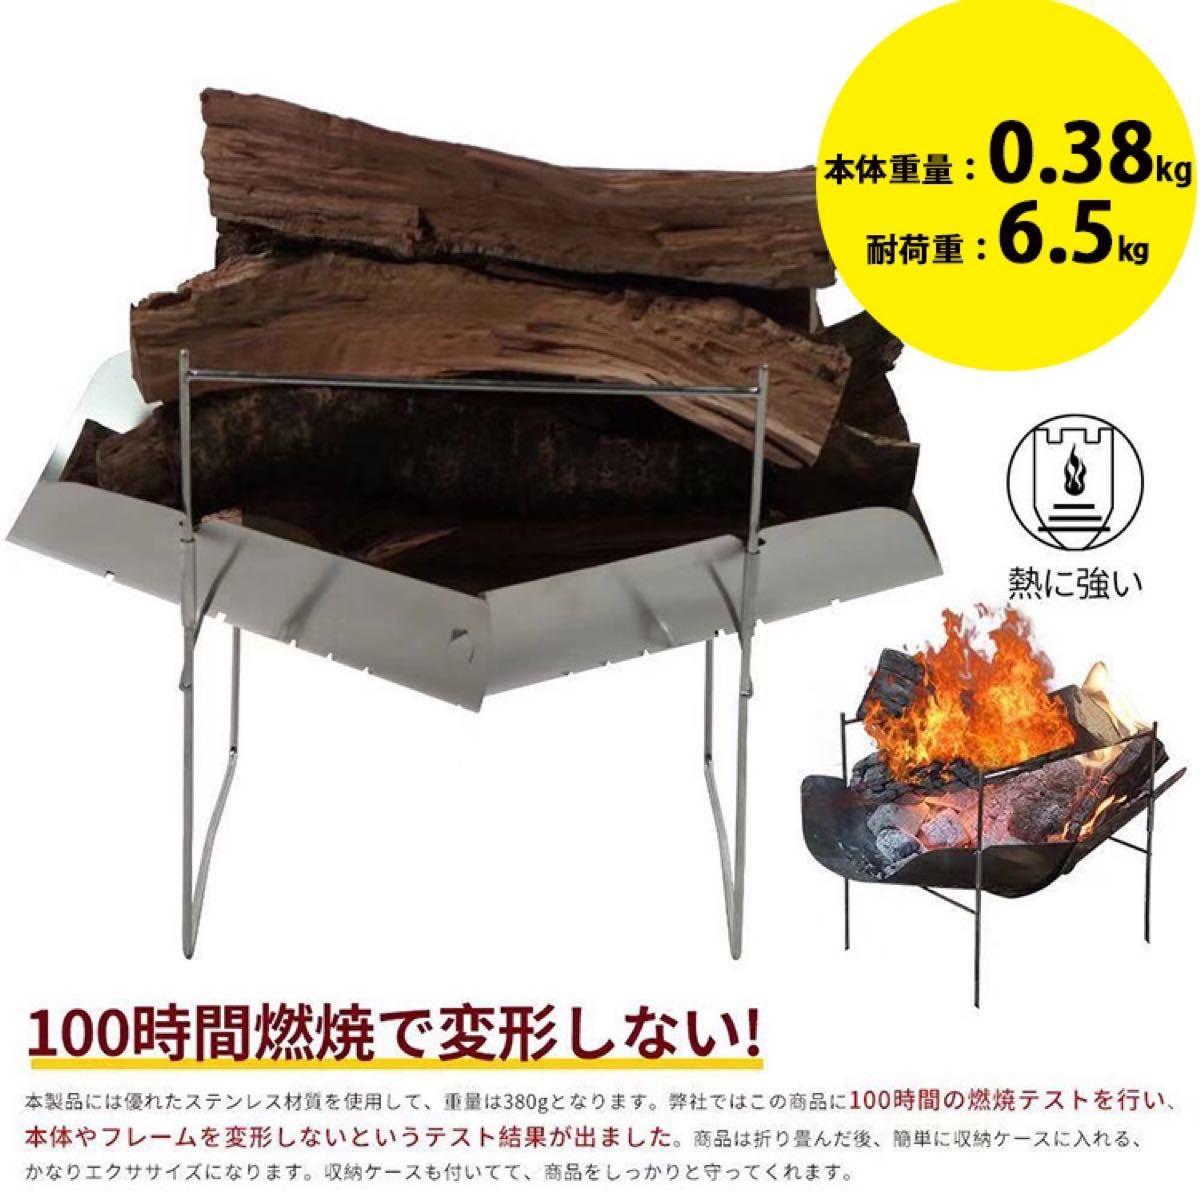 最安値!!焚き火台 小型 バーベキューコンロ スピット(串) 3本付